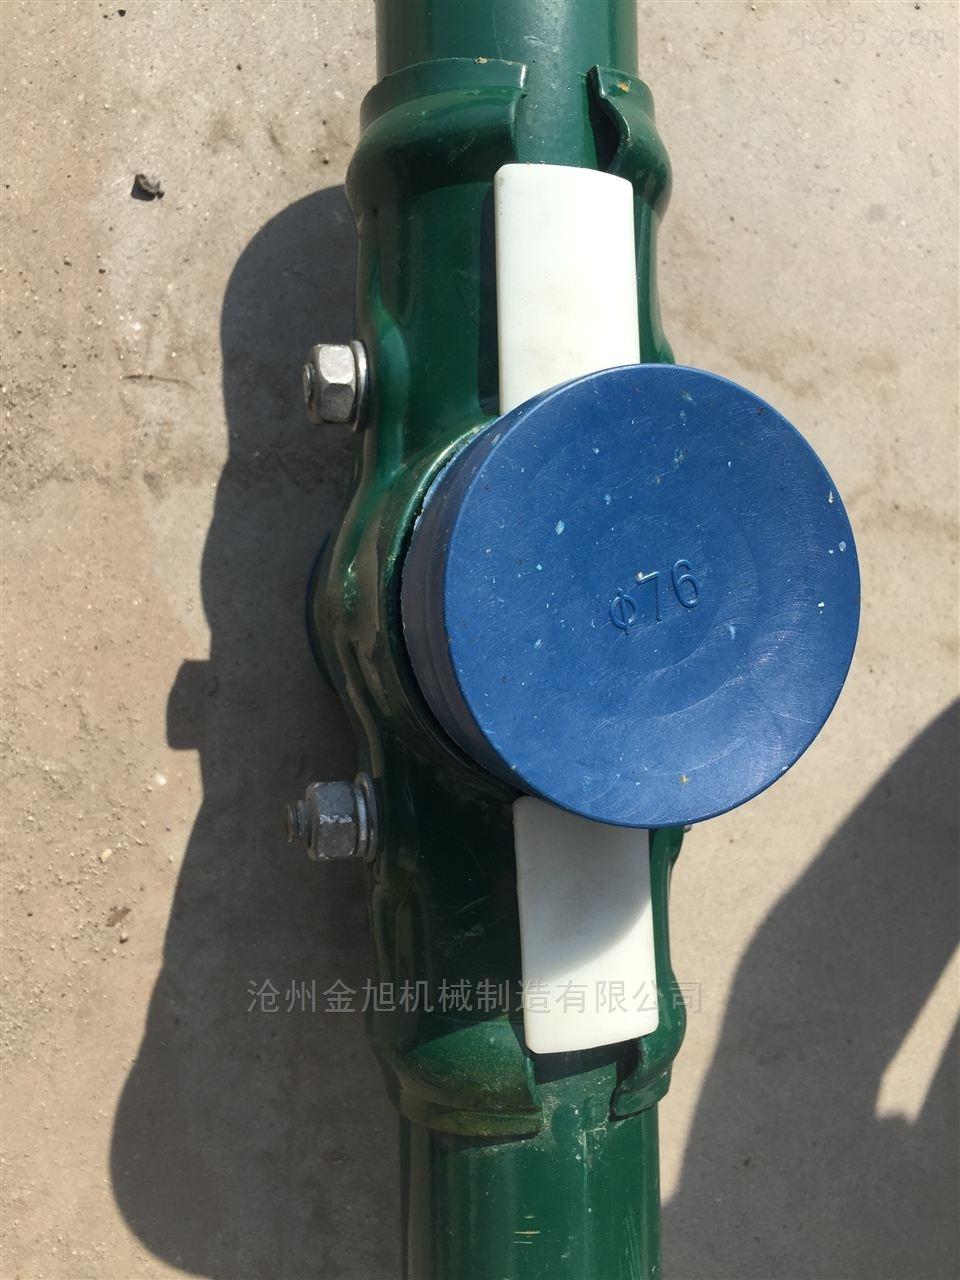 塑胶防尘帽塑料管帽厂家批发